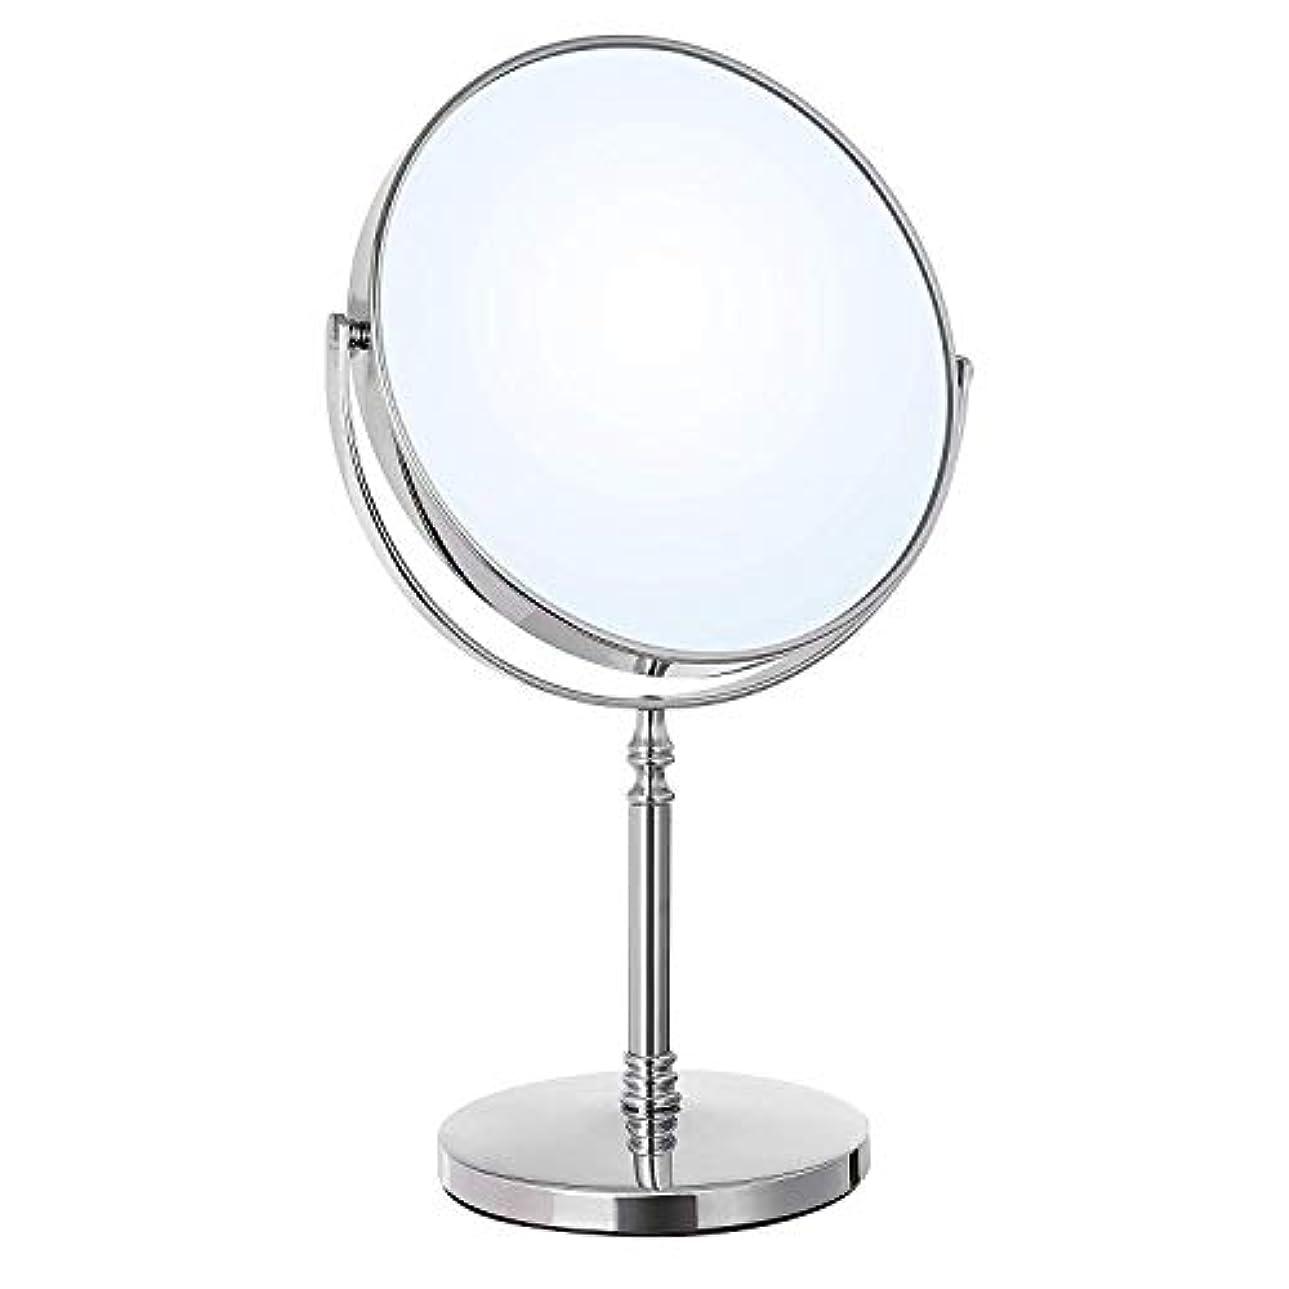 追い付く無声で悪い化粧ミラー 鏡 卓上 化粧鏡 両面鏡 3倍拡大鏡 360°回転 女優ミラー スタンド インテリアミラー 飛散防止 丸 光学レズン高解像度 ファッション シルバー (鏡面直径18cm)